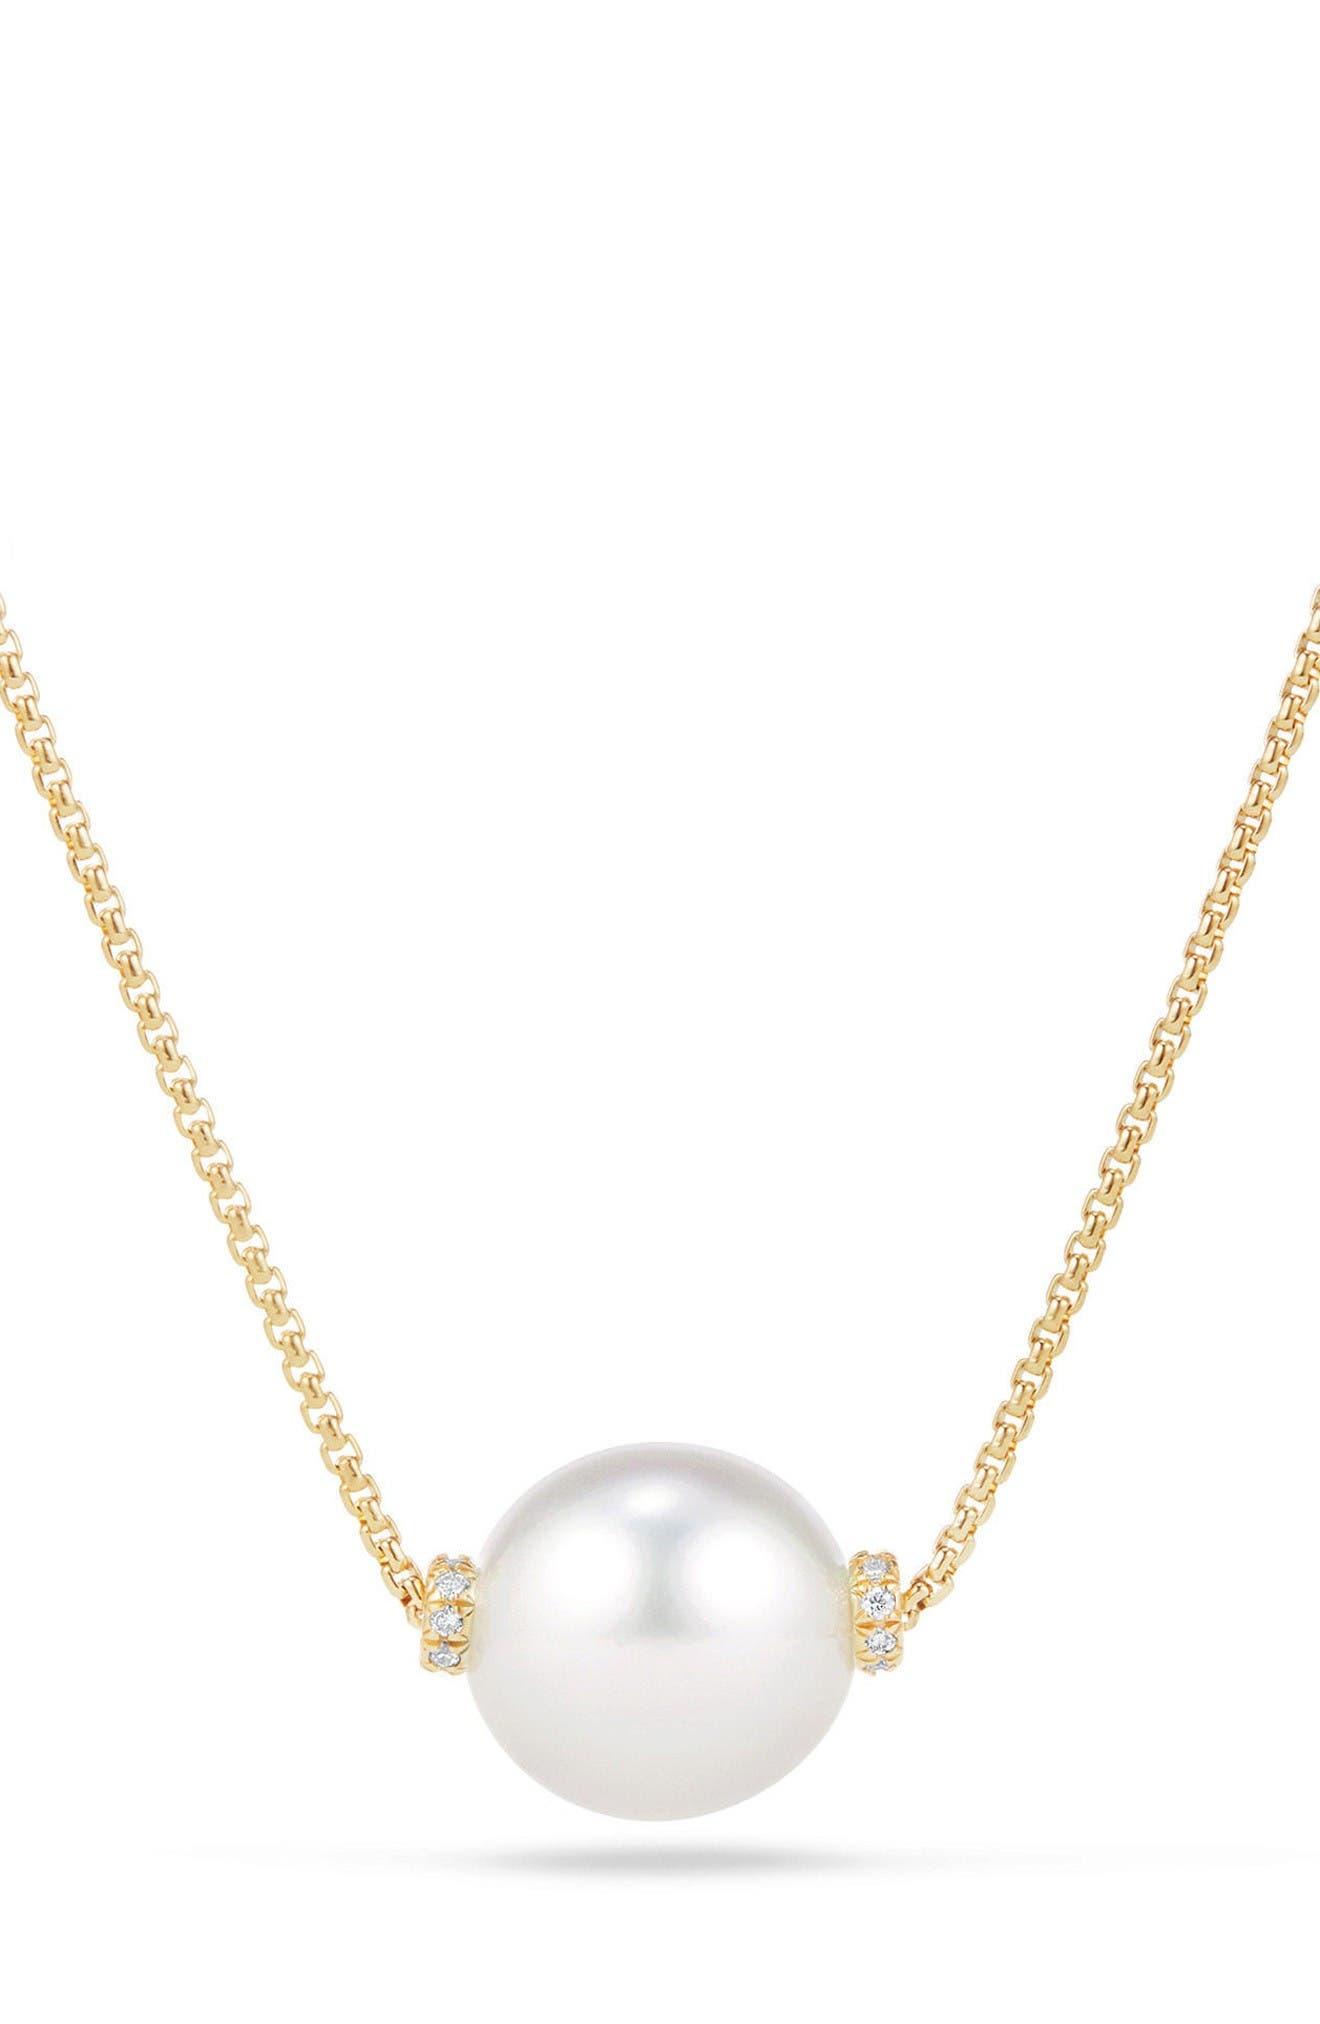 David Yurman Solari Pearl Station Necklace